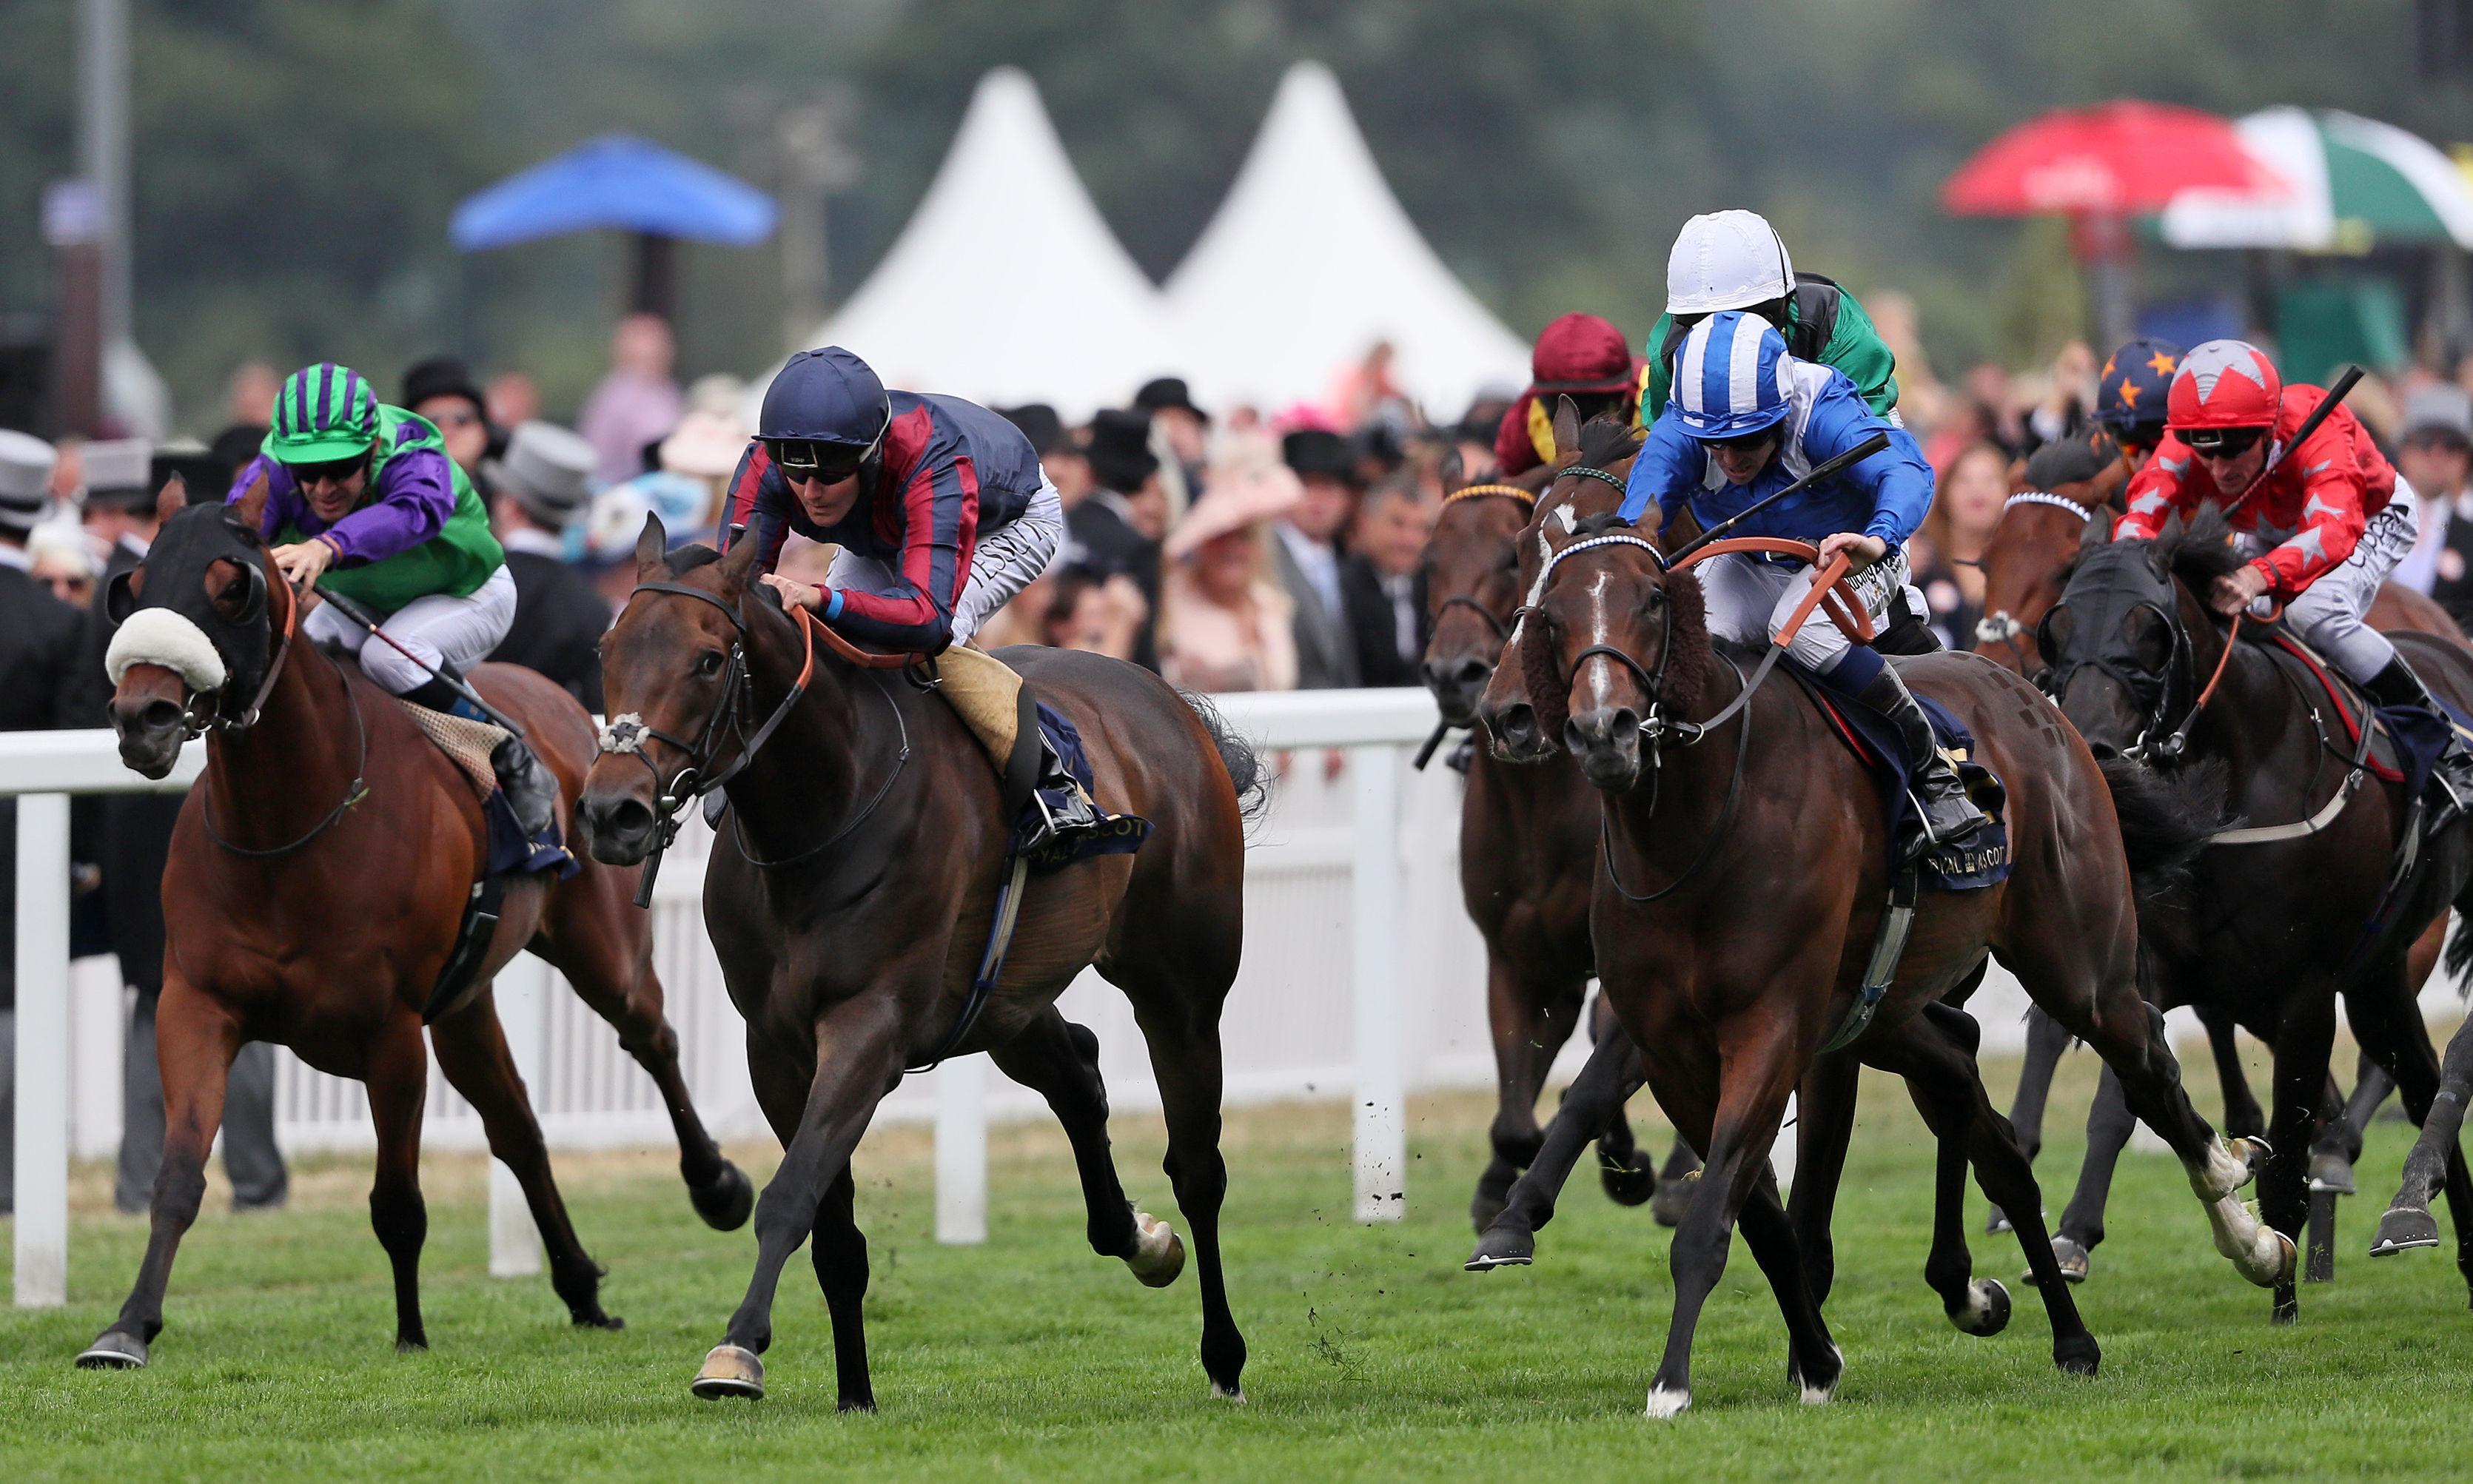 Talking Horses: Frankel's jockey Tom Queally seeks to end winnerless run